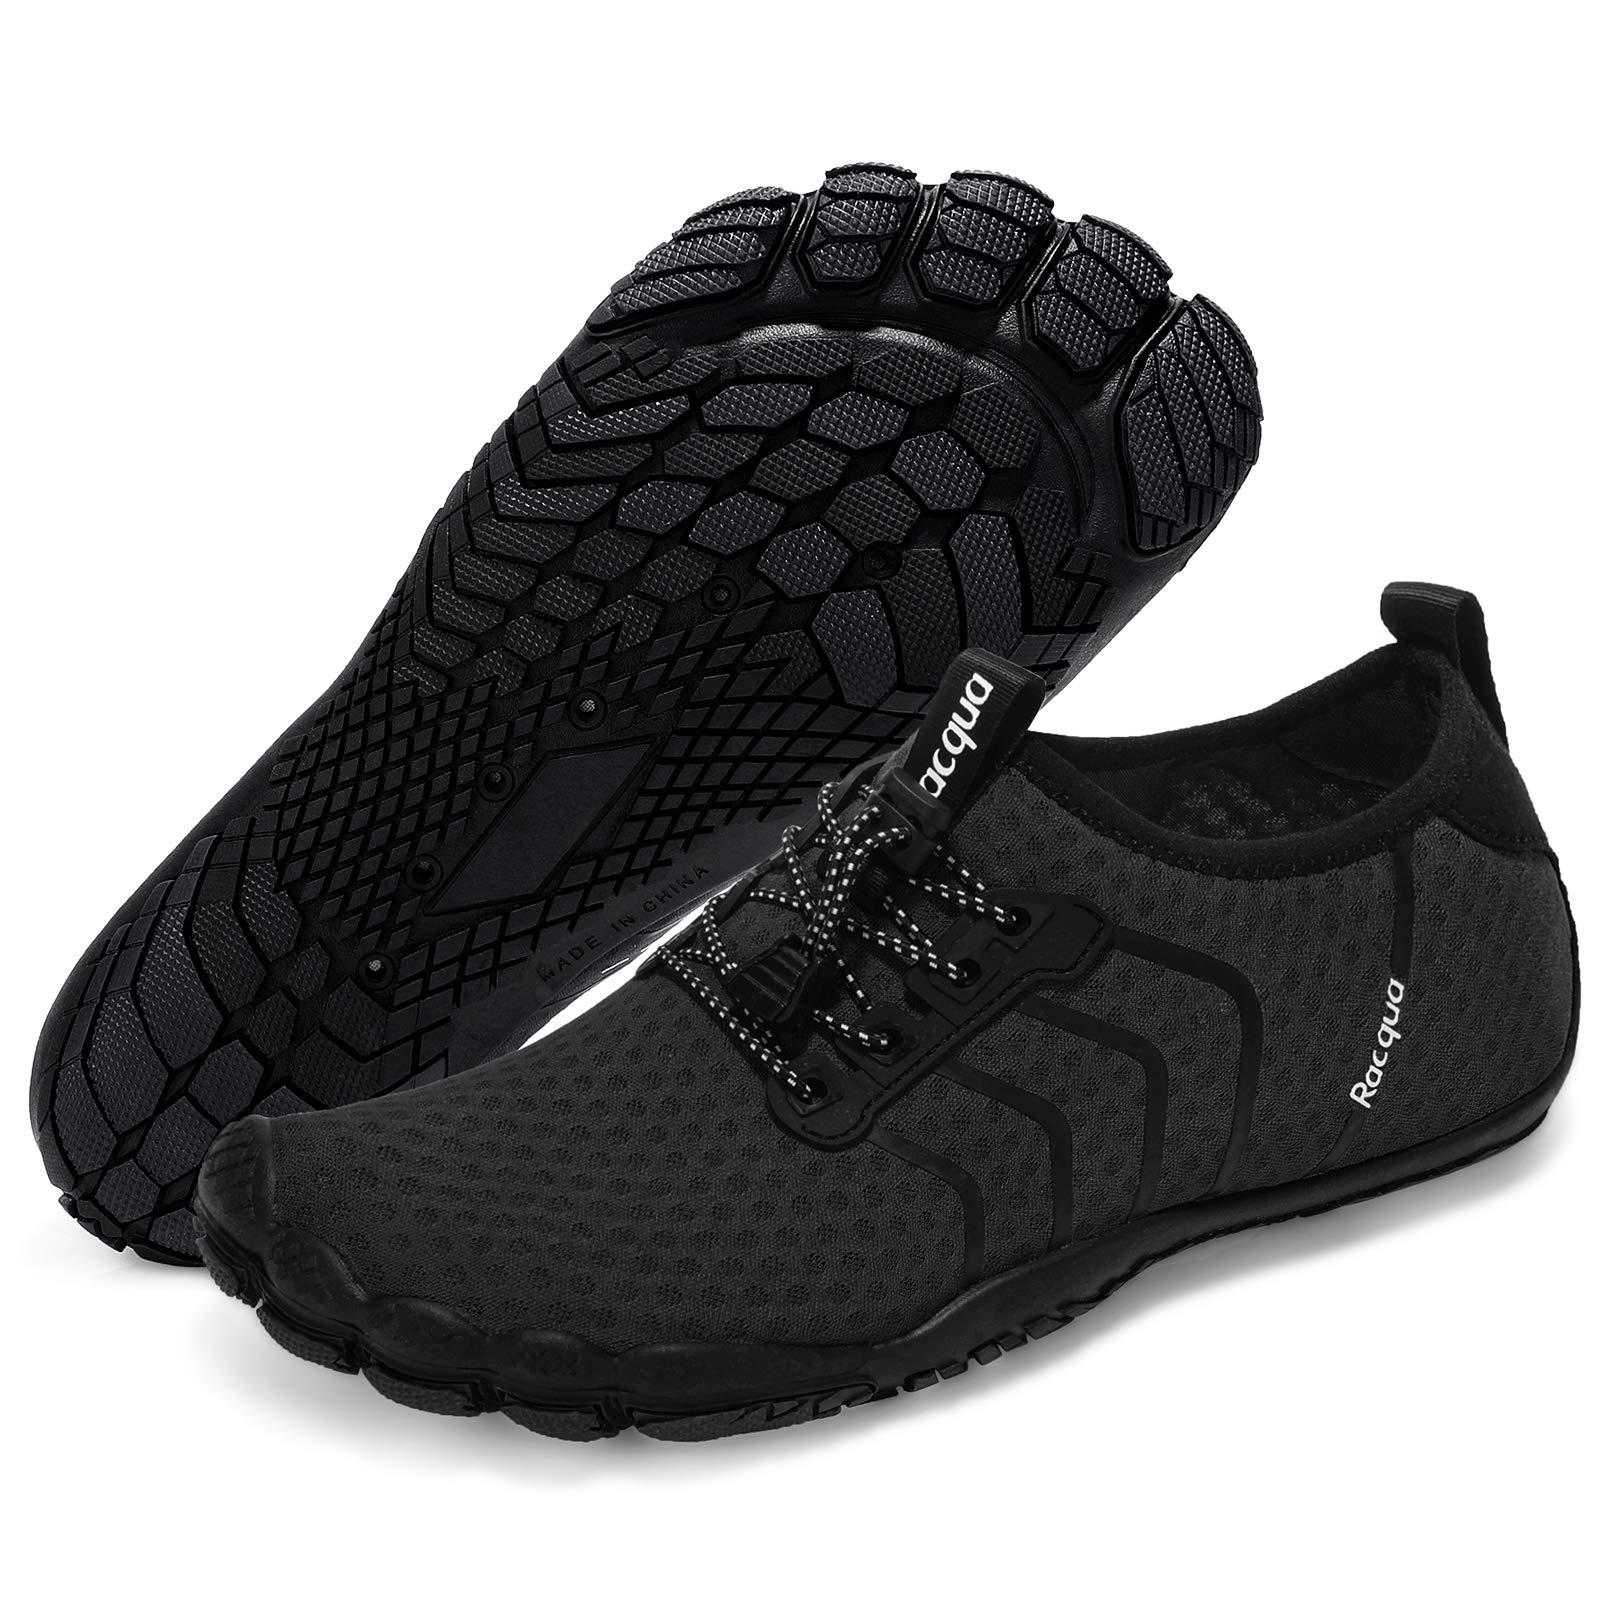 Racqua Water Shoes Quick Dry Barefoot Beach Aqua Sport Swim Surf Pool Hiking Diving Walking for Men Women